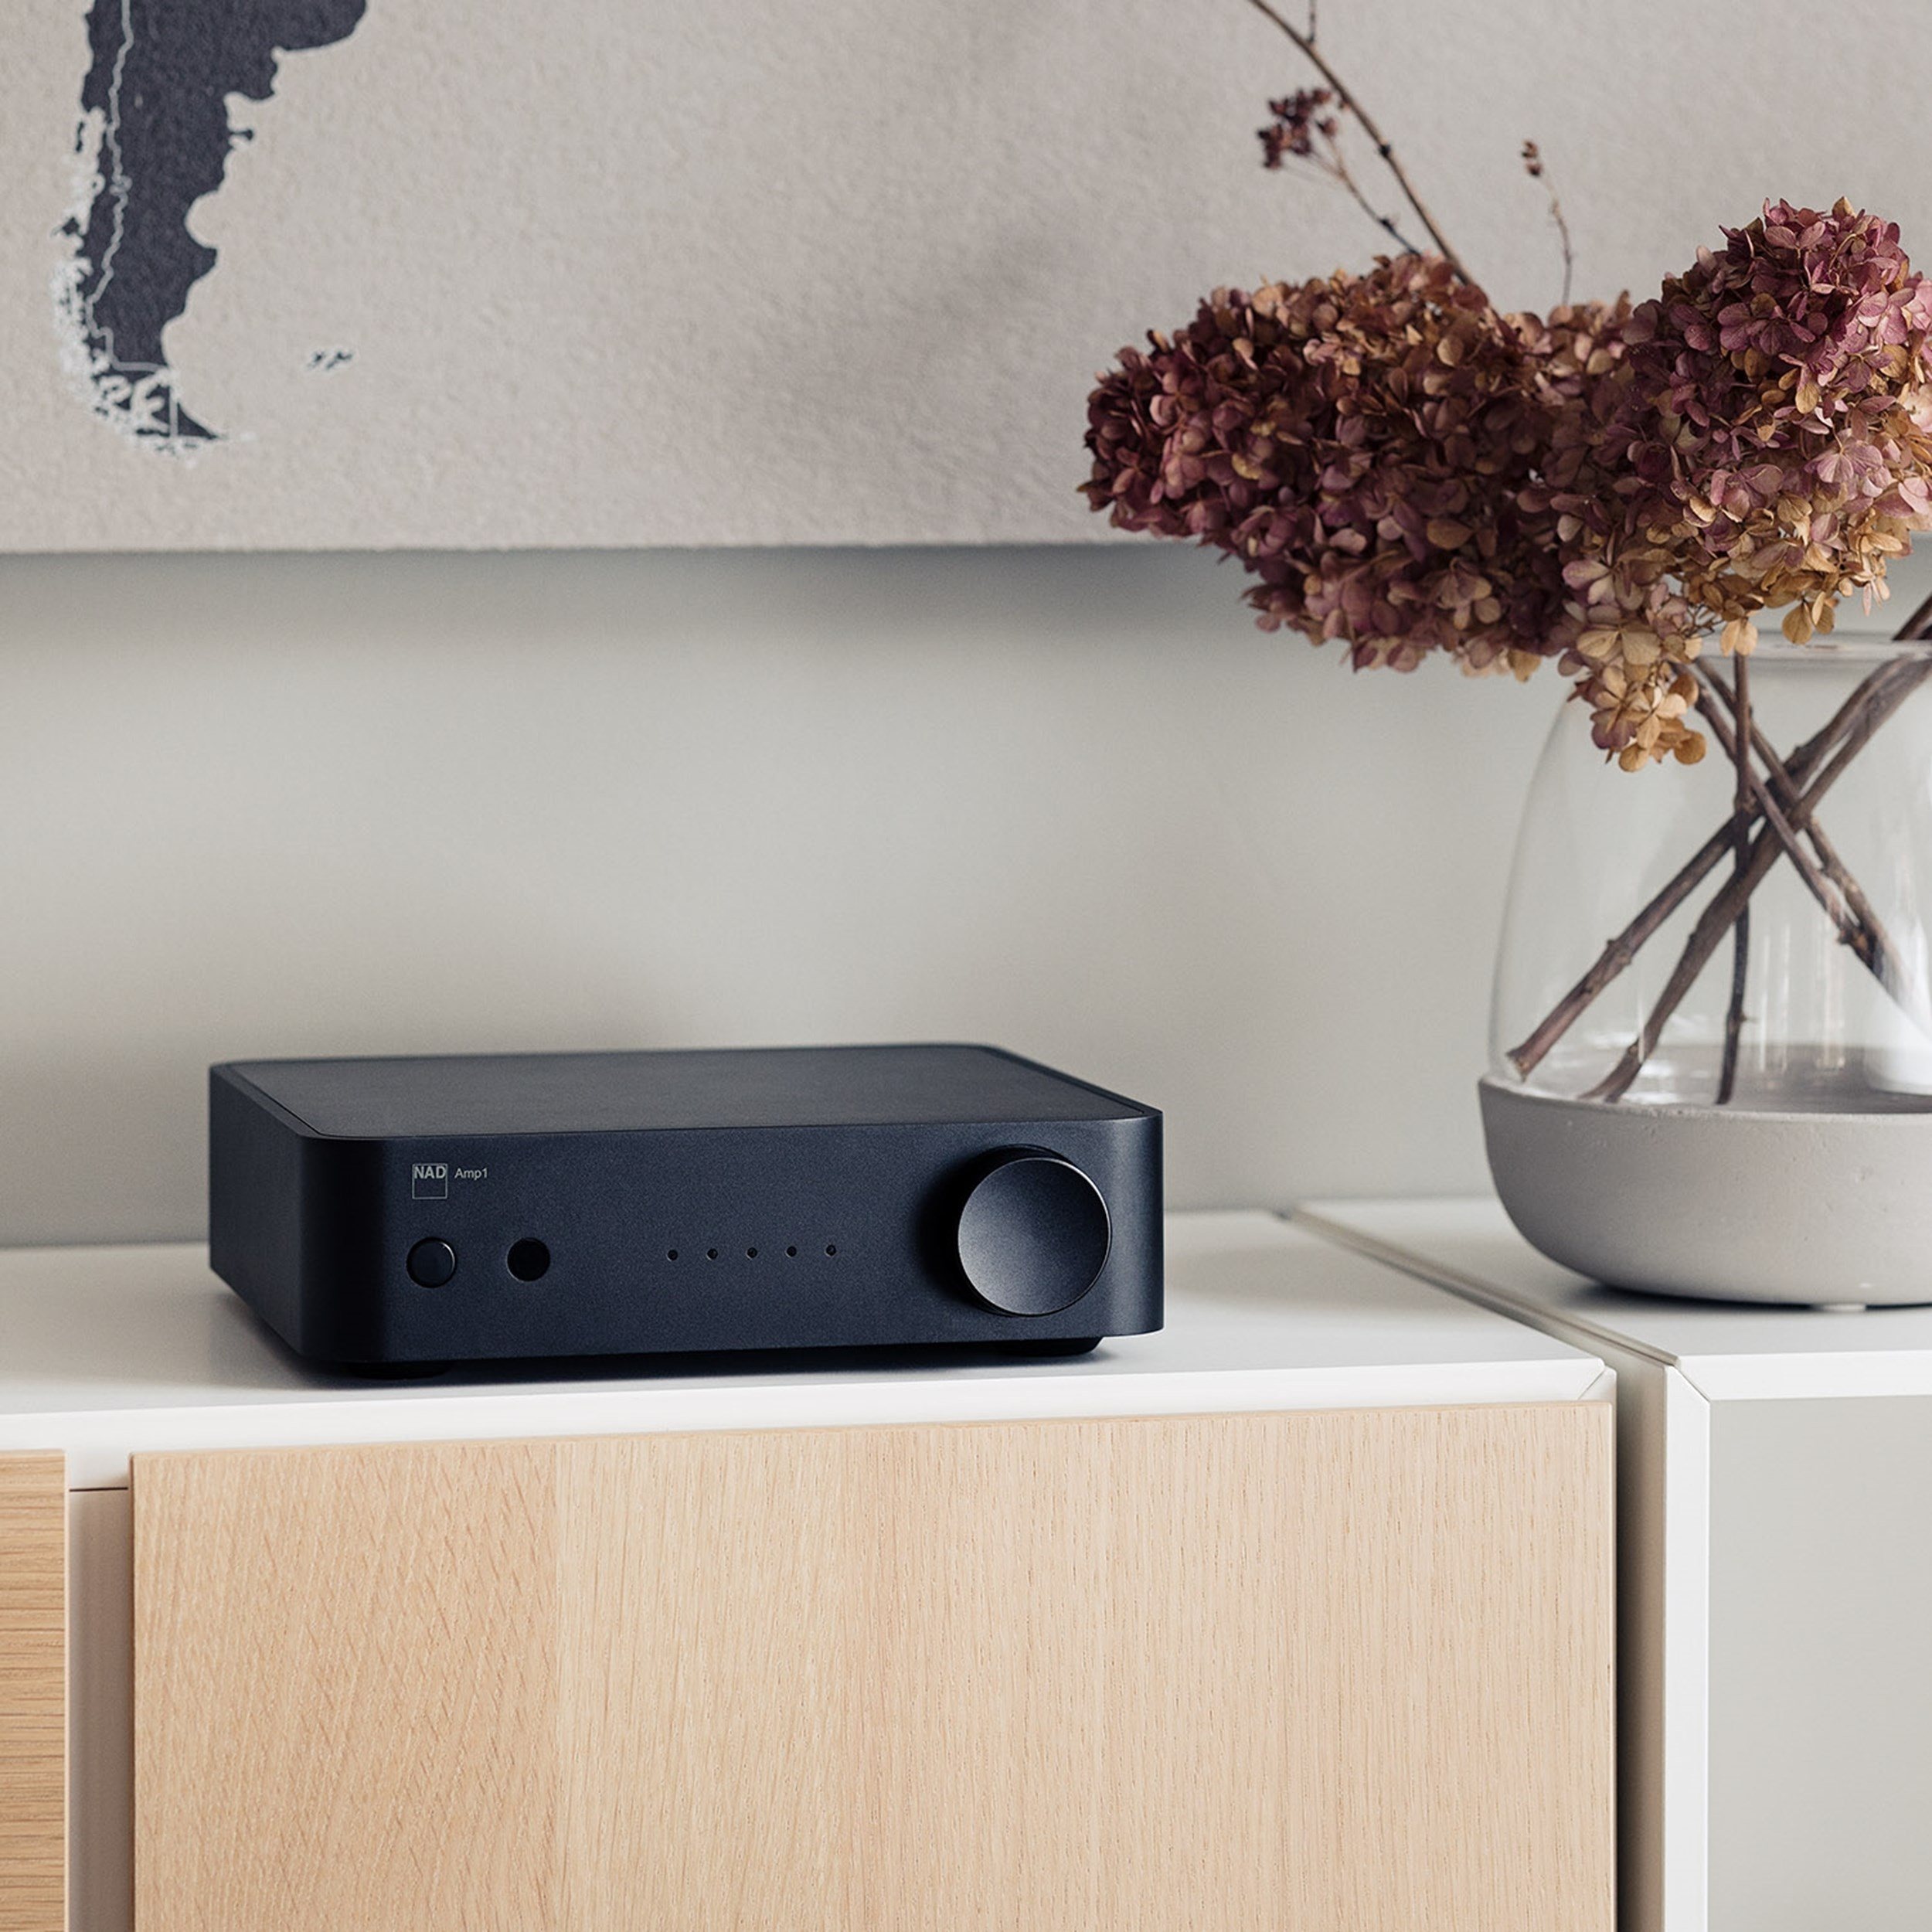 NAD AMP1 Stereoforstærker med streaming